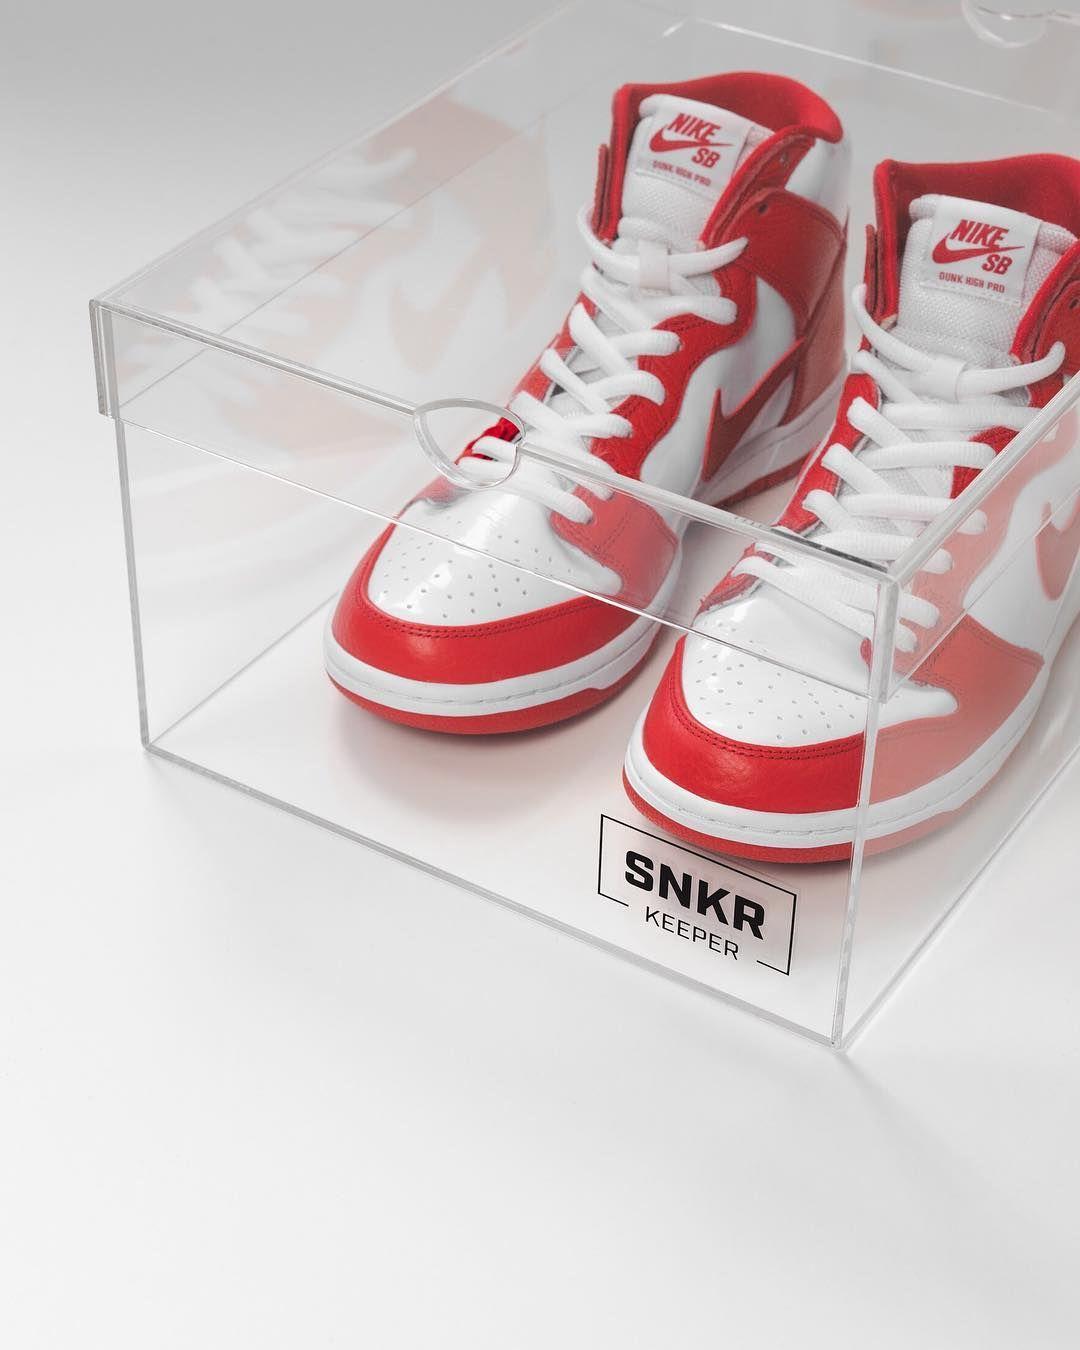 reputable site 8f8aa 36ac1 SNEAKER KEEPER™  sneakerkeeper  nike  nikesb  nikesbzoomdunkhighpro  dunk   zoomdunk  zoomdunkhighpro  snkrkeeper